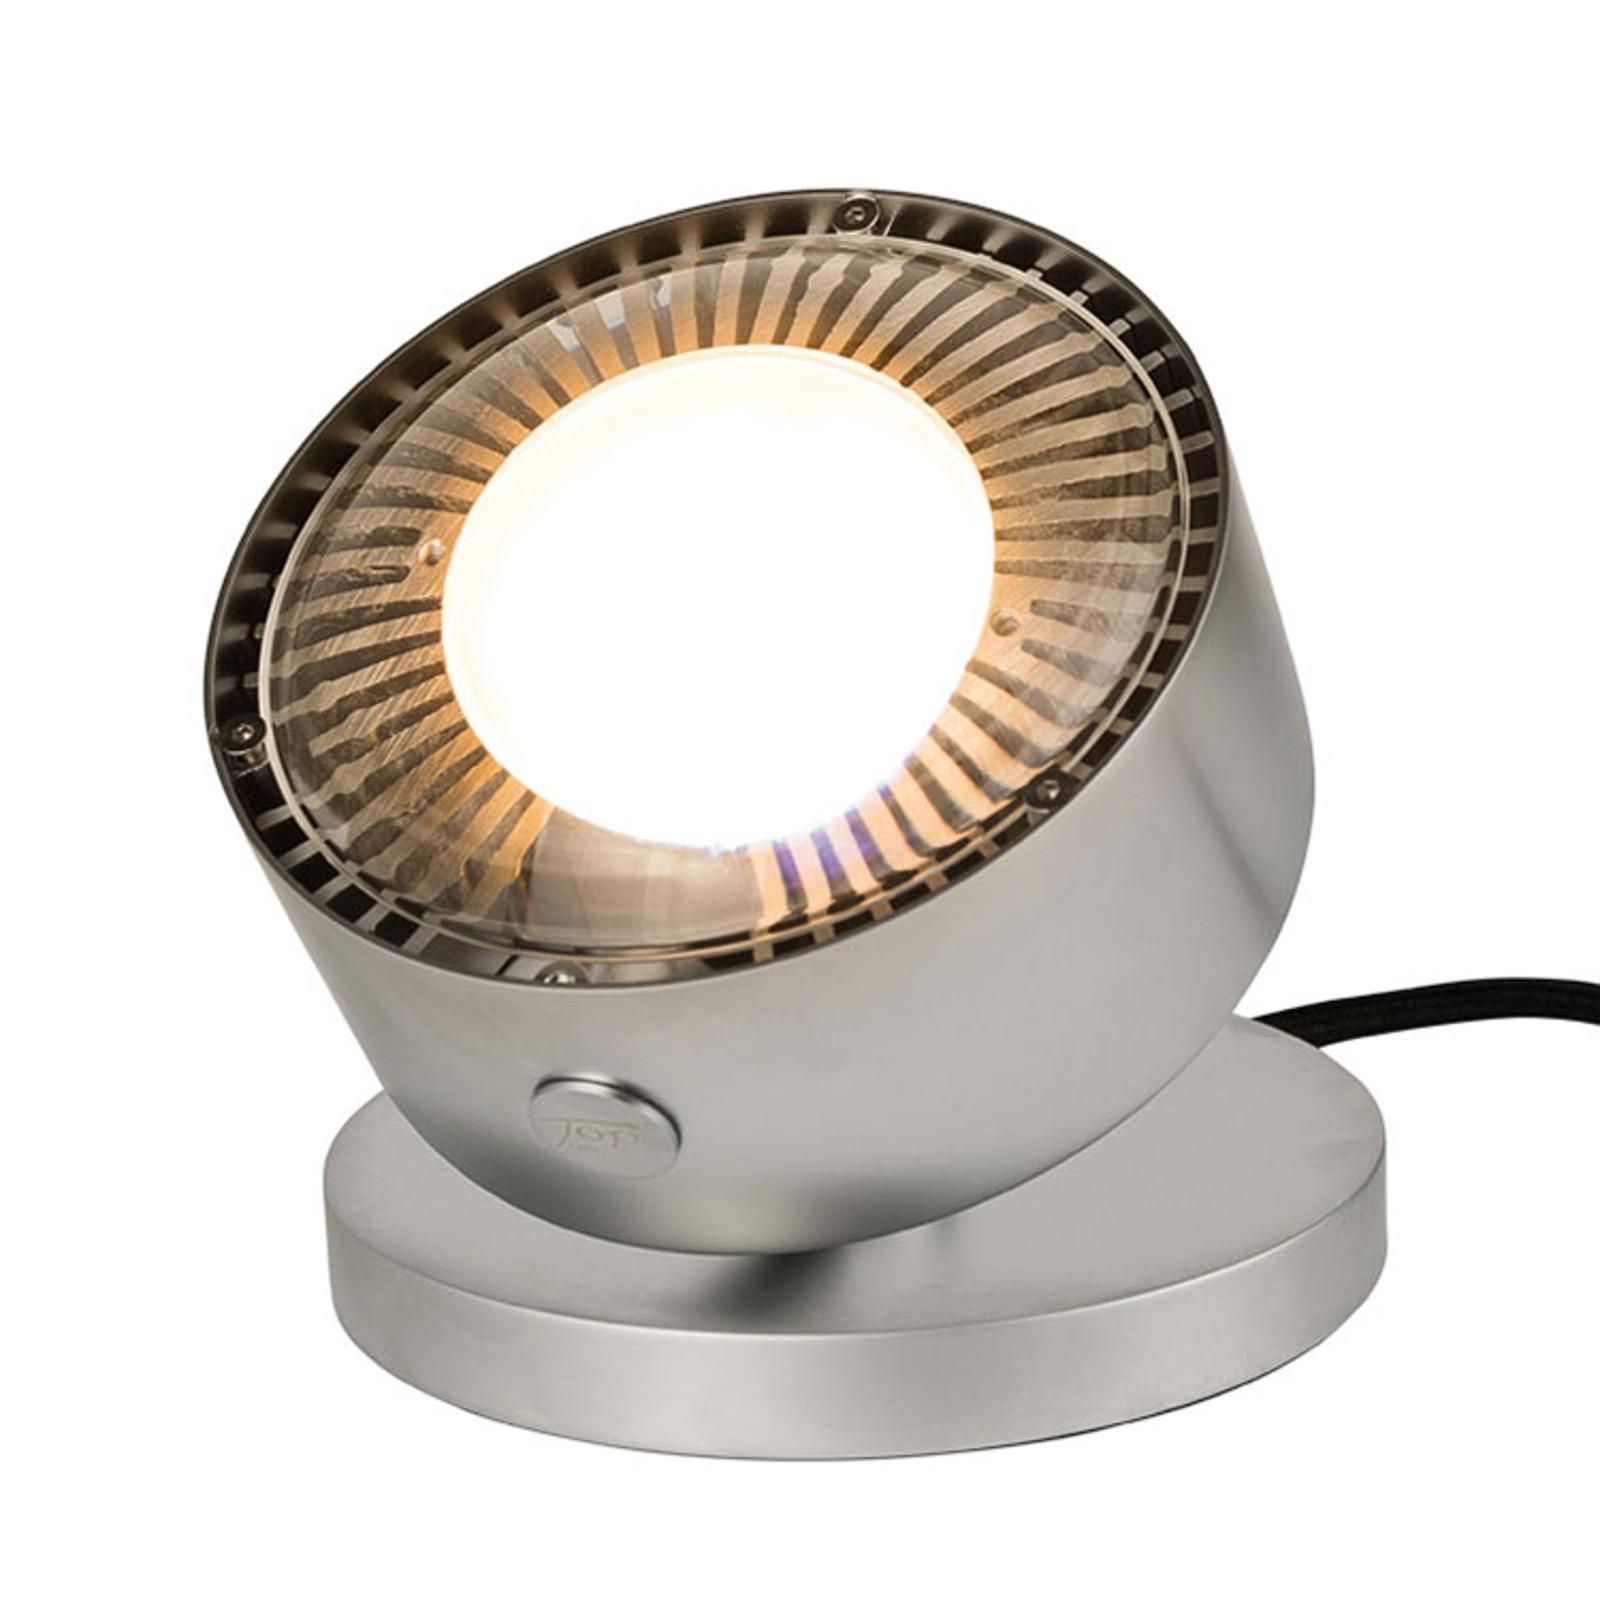 Faretto LED da tavolo Puk Maxx Spot cromo satinato